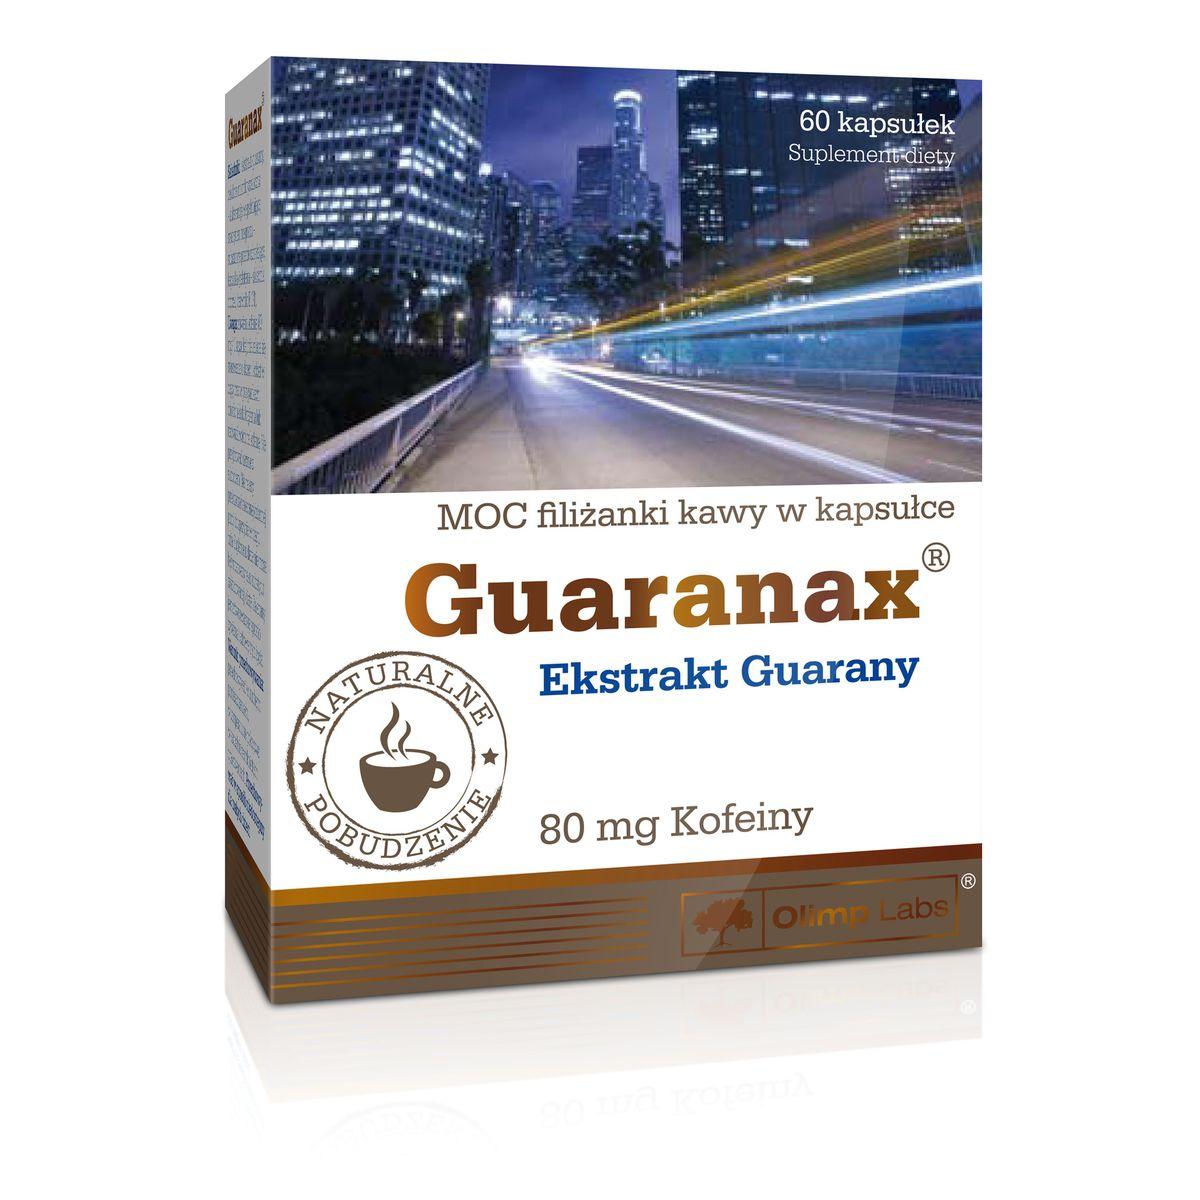 OLIMP Энергетик Гуарана 60 капсO14345Guaranax от Olimp – это универсальный энергетик, содержащий кофеин, полученный из экстракта гуараны. Гуарана – растение, произрастающее в Бразилии и Уругвае, его плоды, напоминающие орех фундук, содержат до 6% кофеина. Кофеин является подходящим большинству людей эффективным стимулятором, который увеличивает концентрацию, внимание и инициативность – со стороны ЦНС, а также физическую активность и силовые показатели. Olimp Guaranax рекомендуется людям, которые выполняют ответственную работу в ночное время суток (например, вождение автотранспорта) или просто хотят взбодриться; перед тренировкой Olimp Guaranax поможет эффективнее тренироваться и повысит силовые показатели (особенно в комбинации с креатином). В отличии от многих энергетиков, Olimp Guaranax удобен в подборе подходящей дозировки, т.к. 1 капсула содержит небольшое количество кофеина – 80 мг (приблизительно как 1 чашка кофе). Рекомендации по применению: Чтобы поддерживать высокую психологическую и физическую...